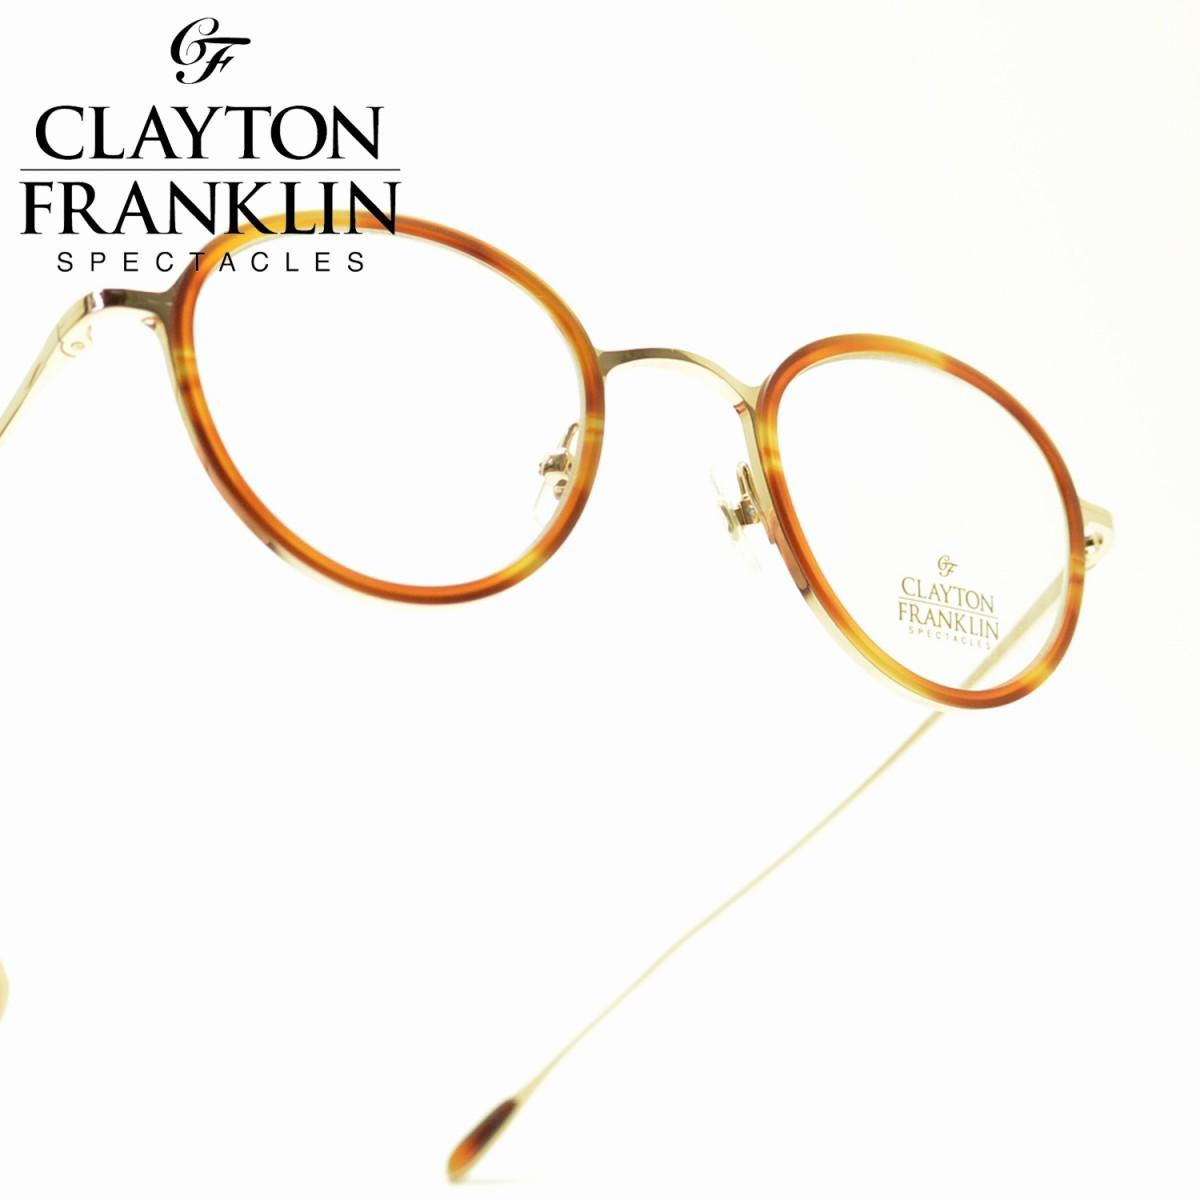 CLAYTON FRANKLIN クレイトンフランクリン627P GP/AT ゴールド/アンバートートイズメガネ 眼鏡 めがね メンズ レディース おしゃれ ブランド 人気 おすすめ フレーム 流行り 度付き レンズ